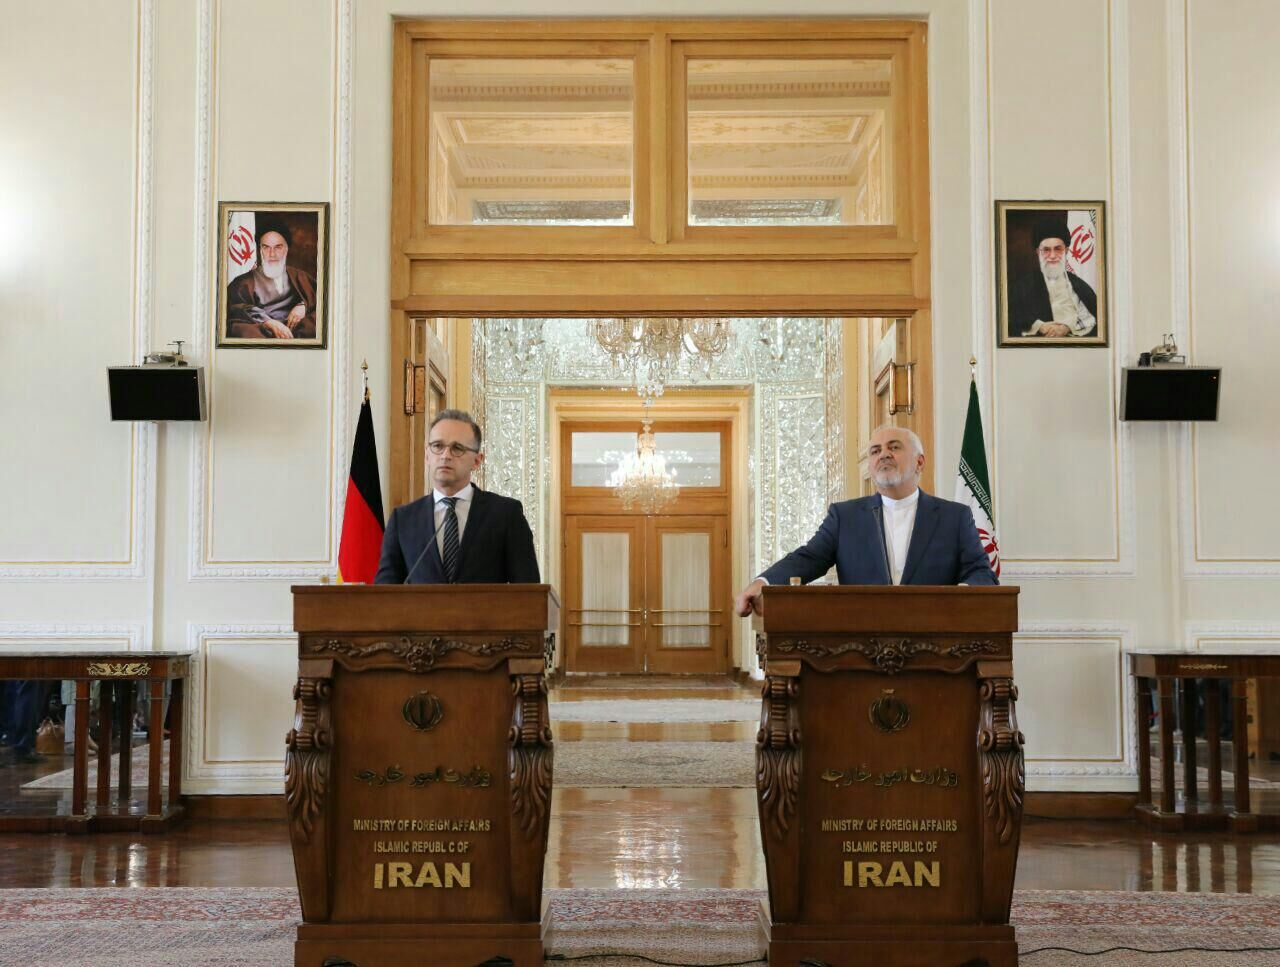 ظریف: جنگ اقتصادی آمریکا علیه ایران بسیار خطرناک است/ وزیر خارجه آلمان: تلاش می کنیم برجام ادامه یابد